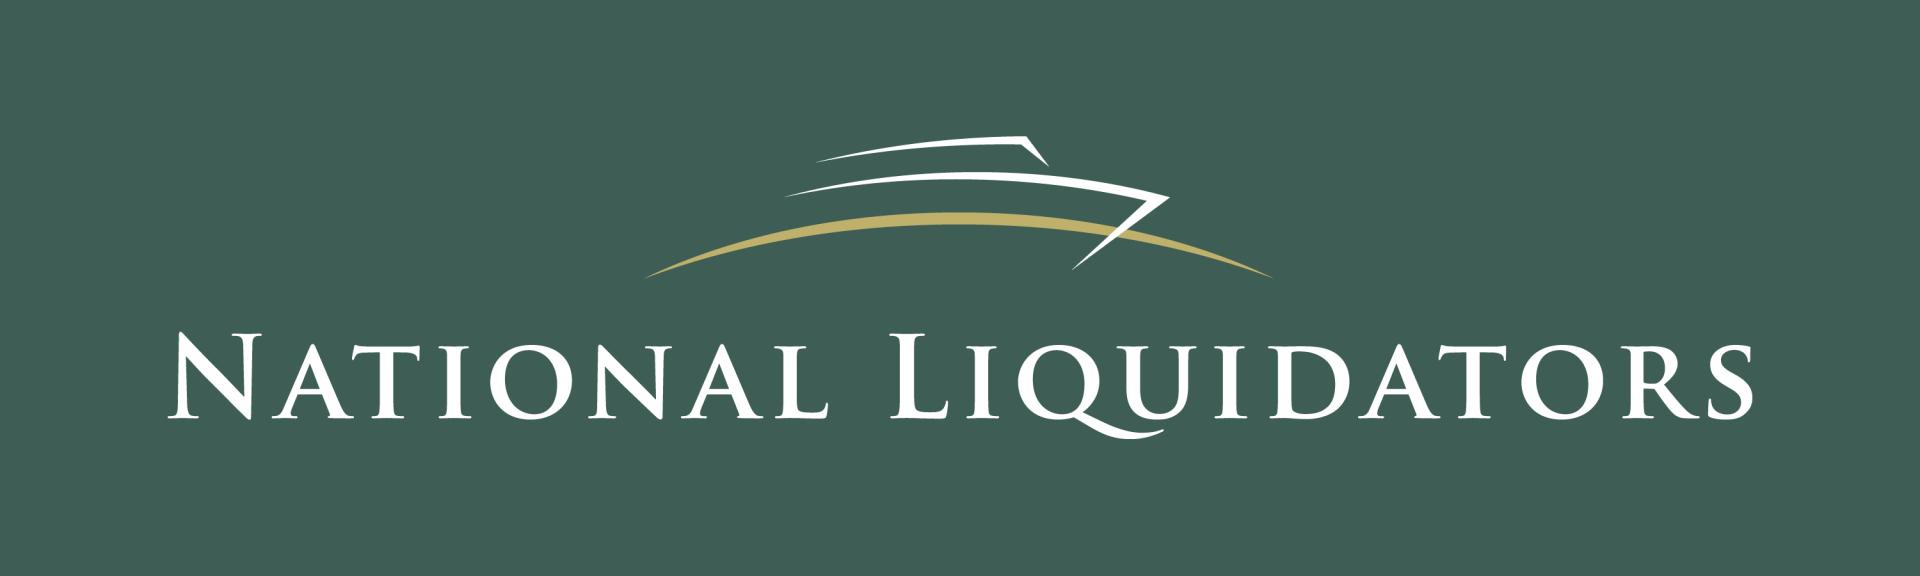 Member News: National Liquidators